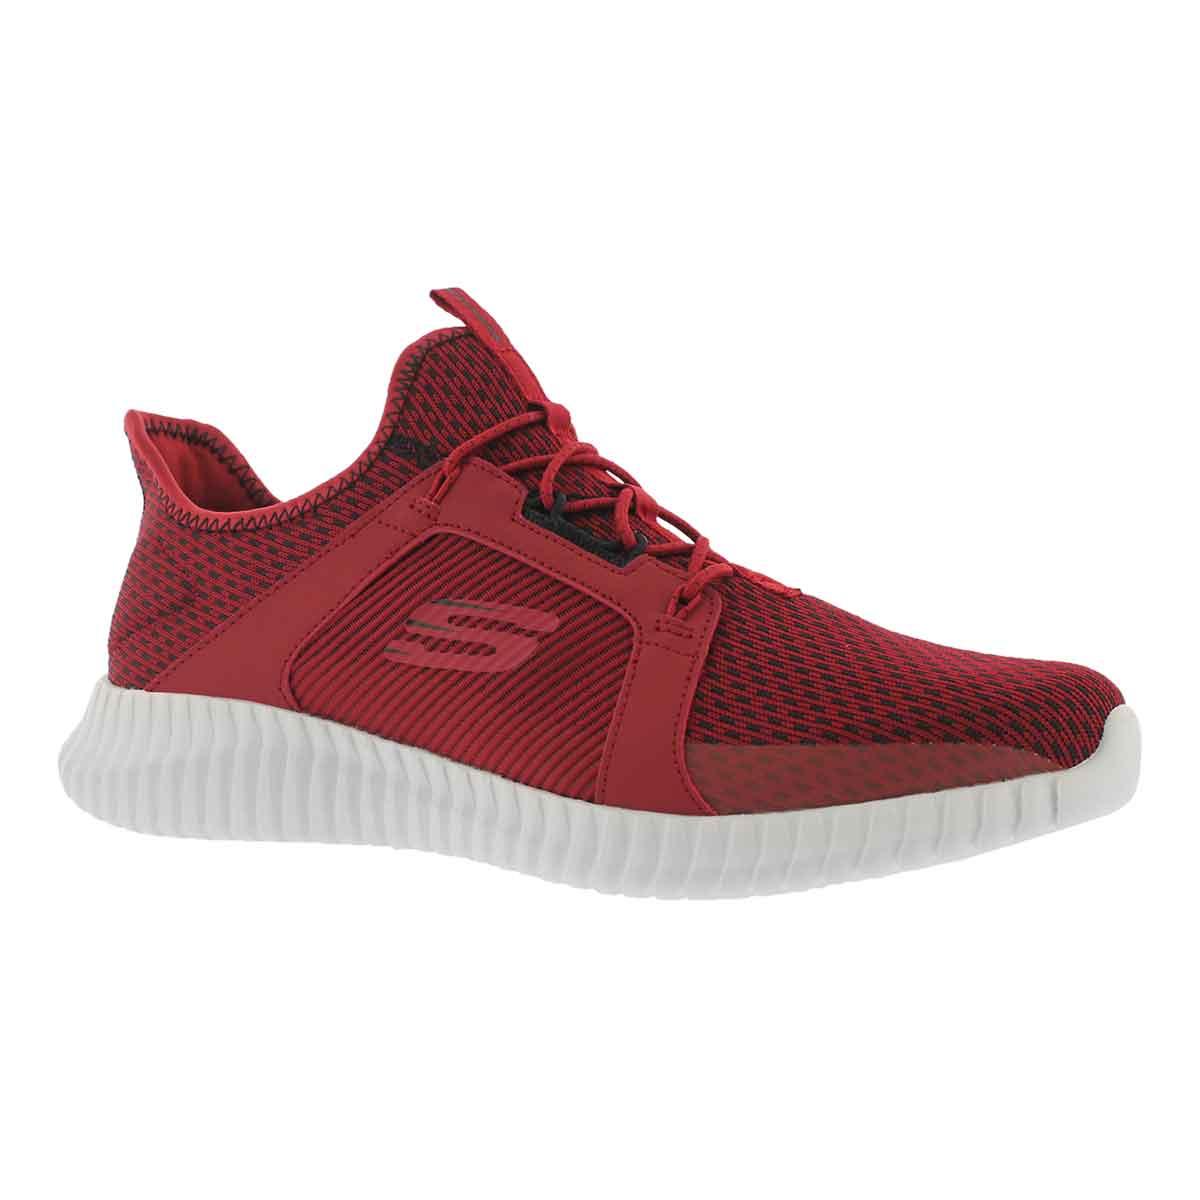 Men's ELITE FLEX red/black slip on sneakers